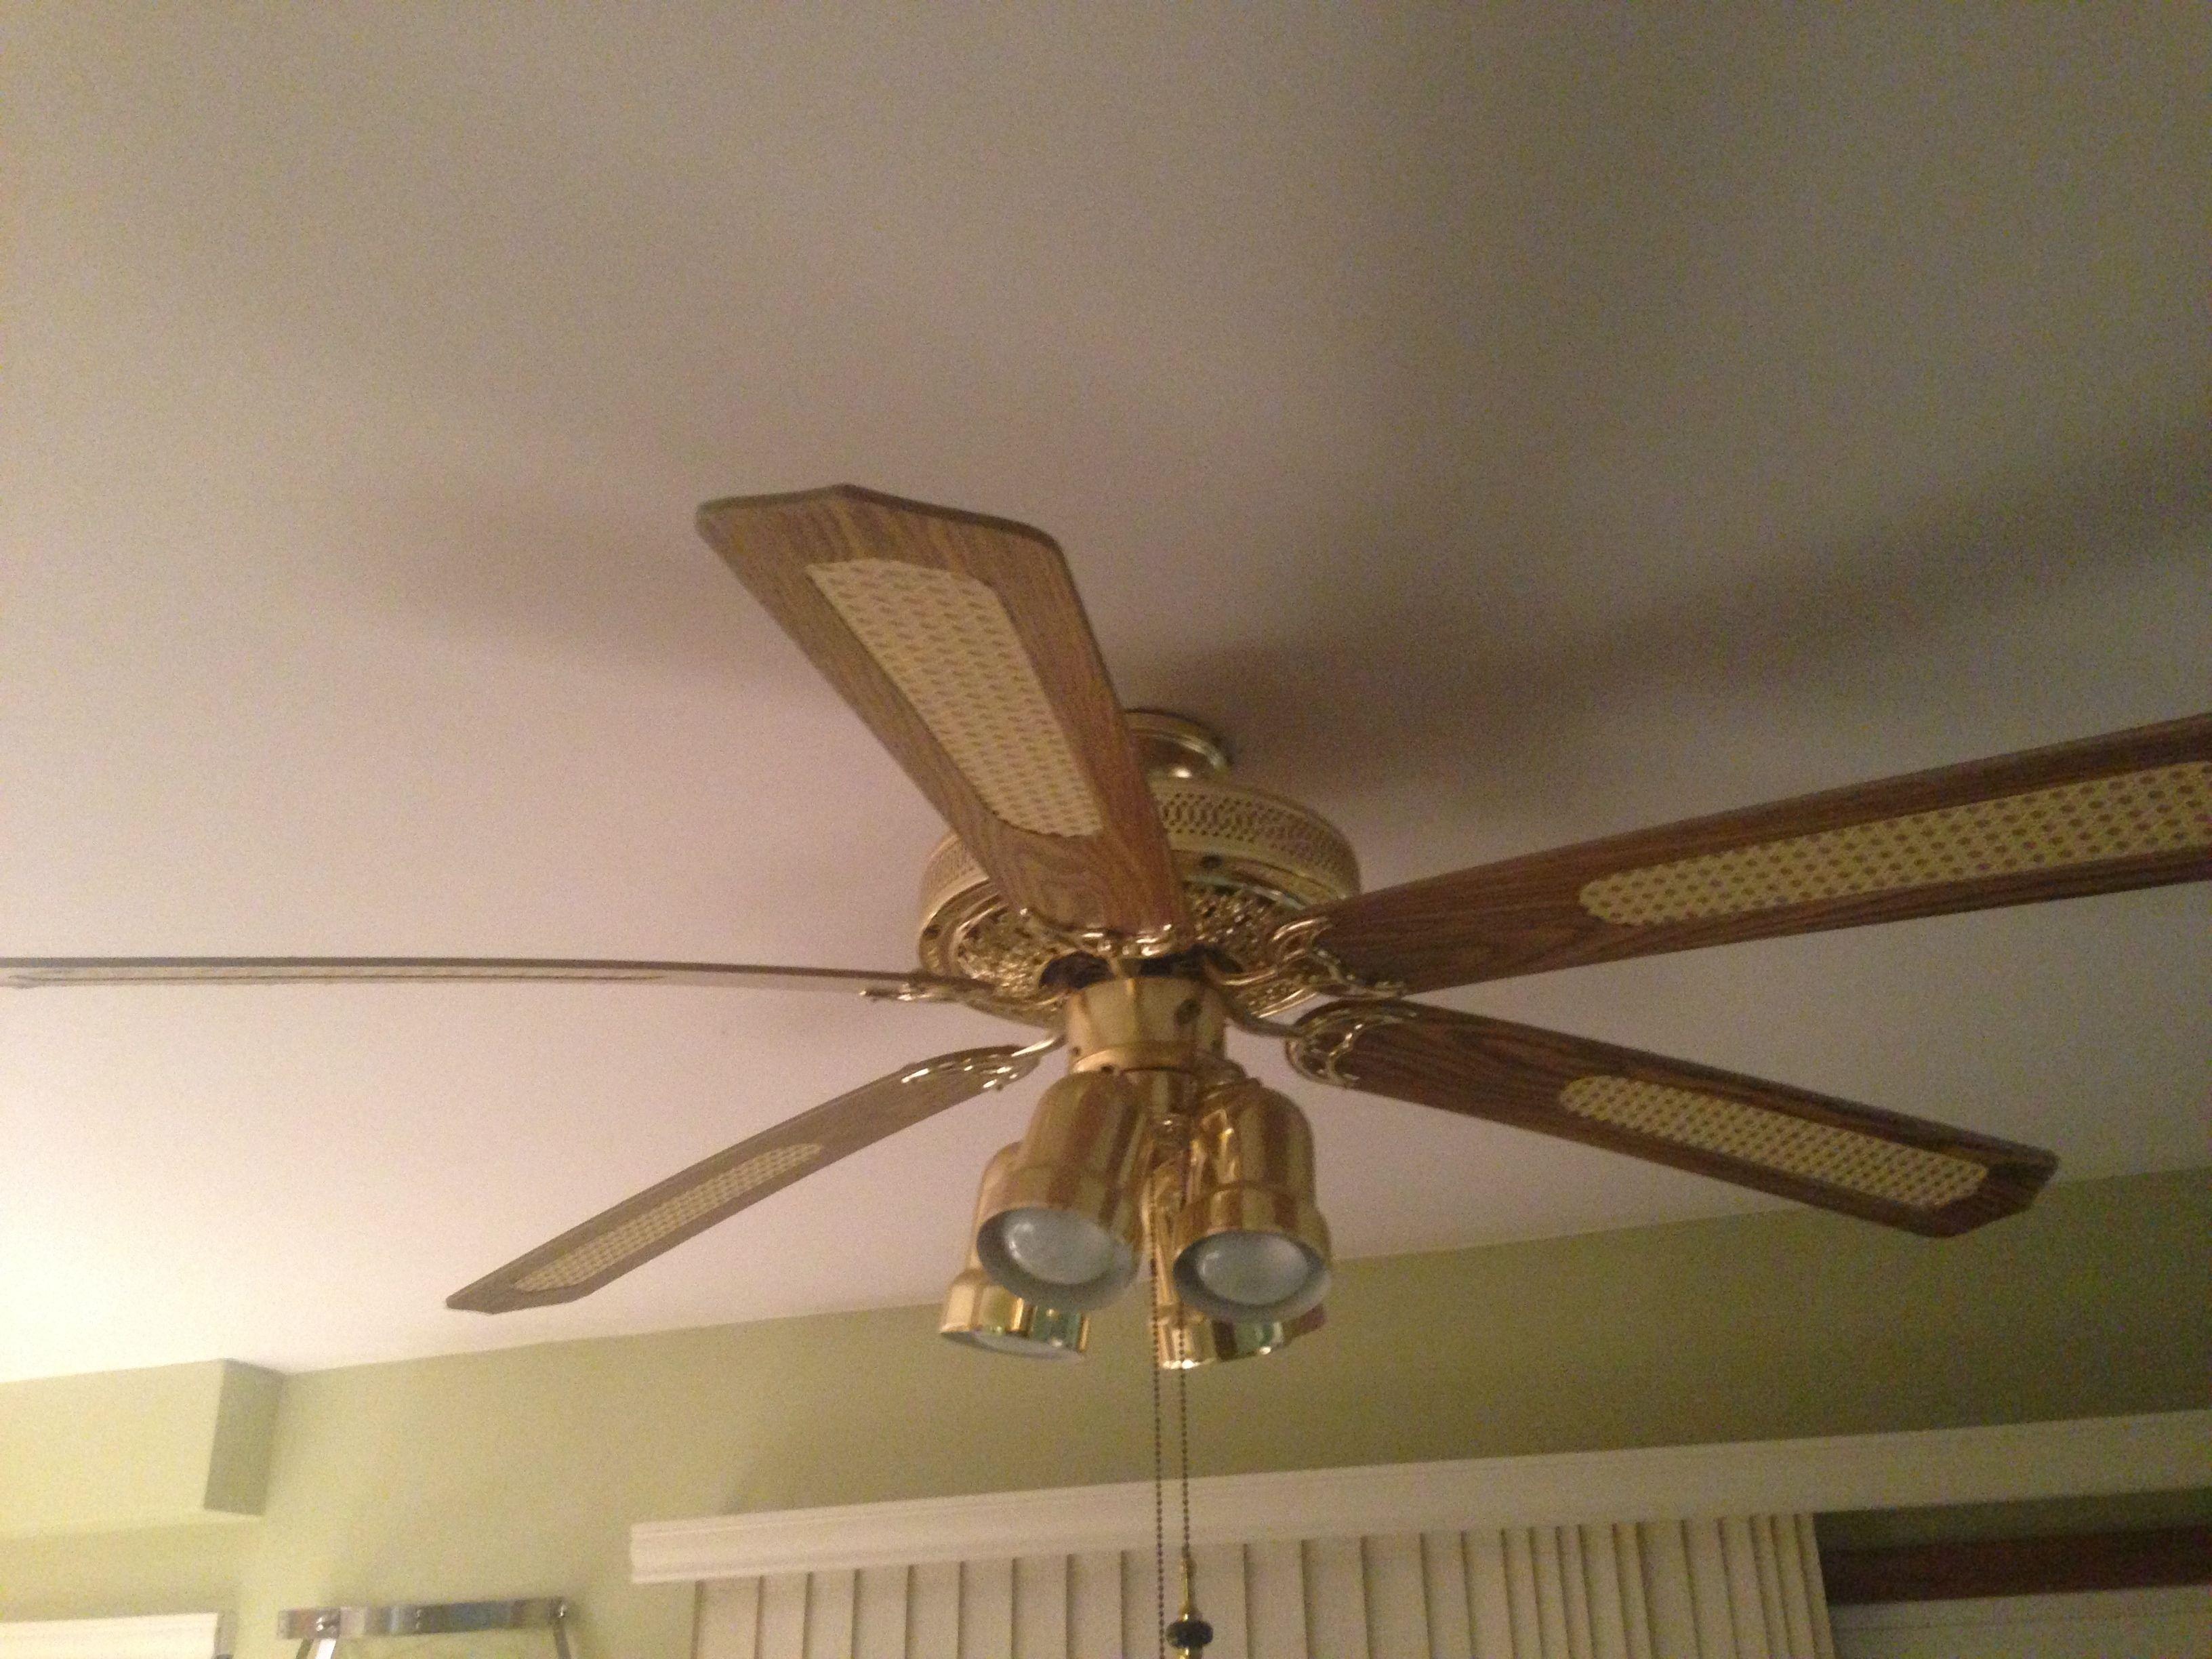 Schlafzimmer Deckenventilatoren Mit Beleuchtung Deckenventilator Ventilator Ventilator Decke